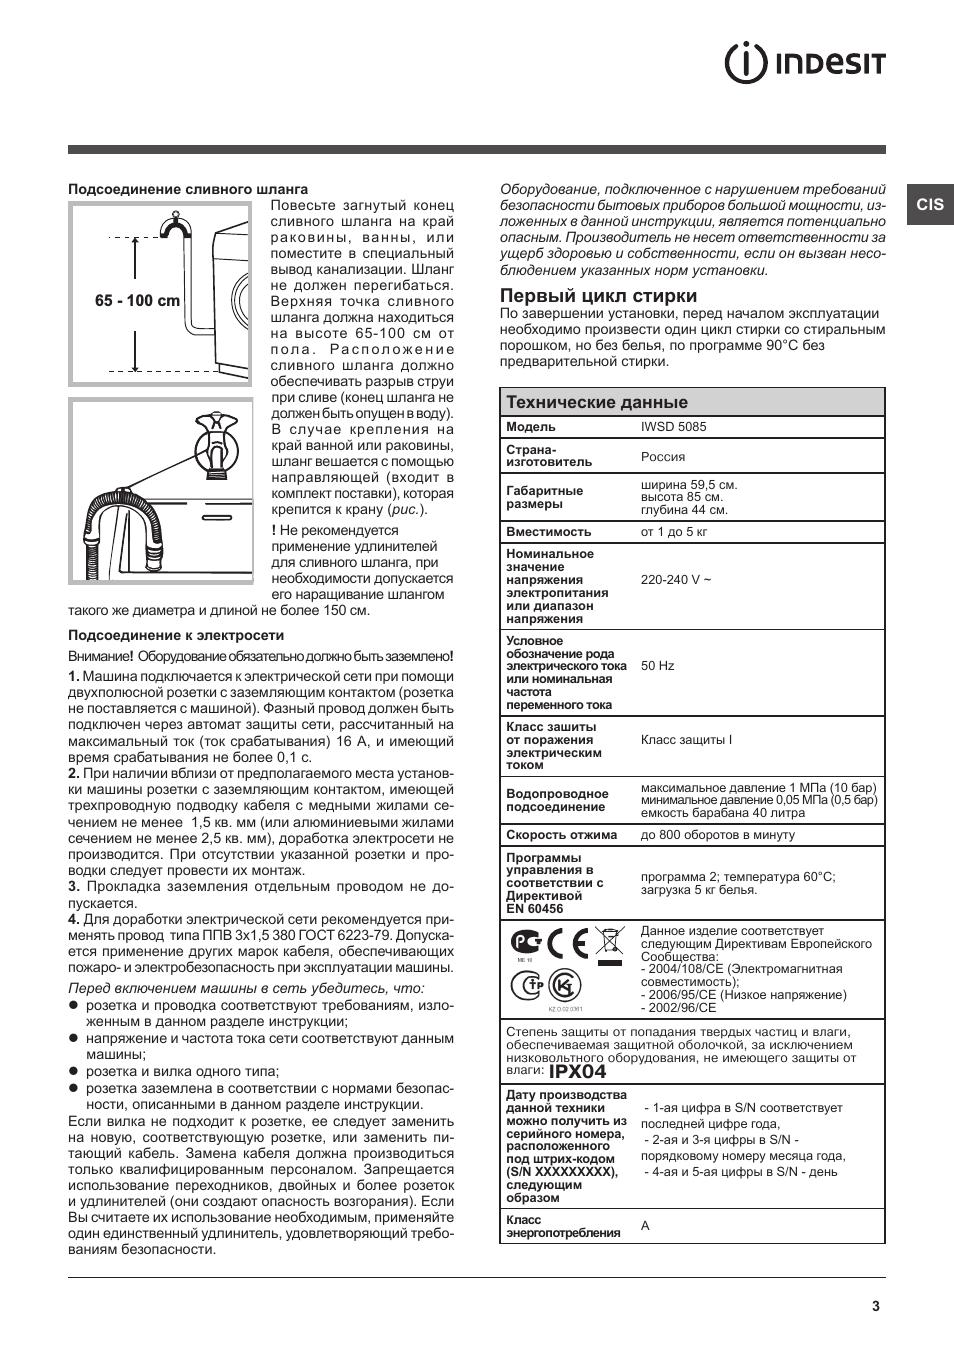 Первый цикл стирки, Ipx04, Технические данные